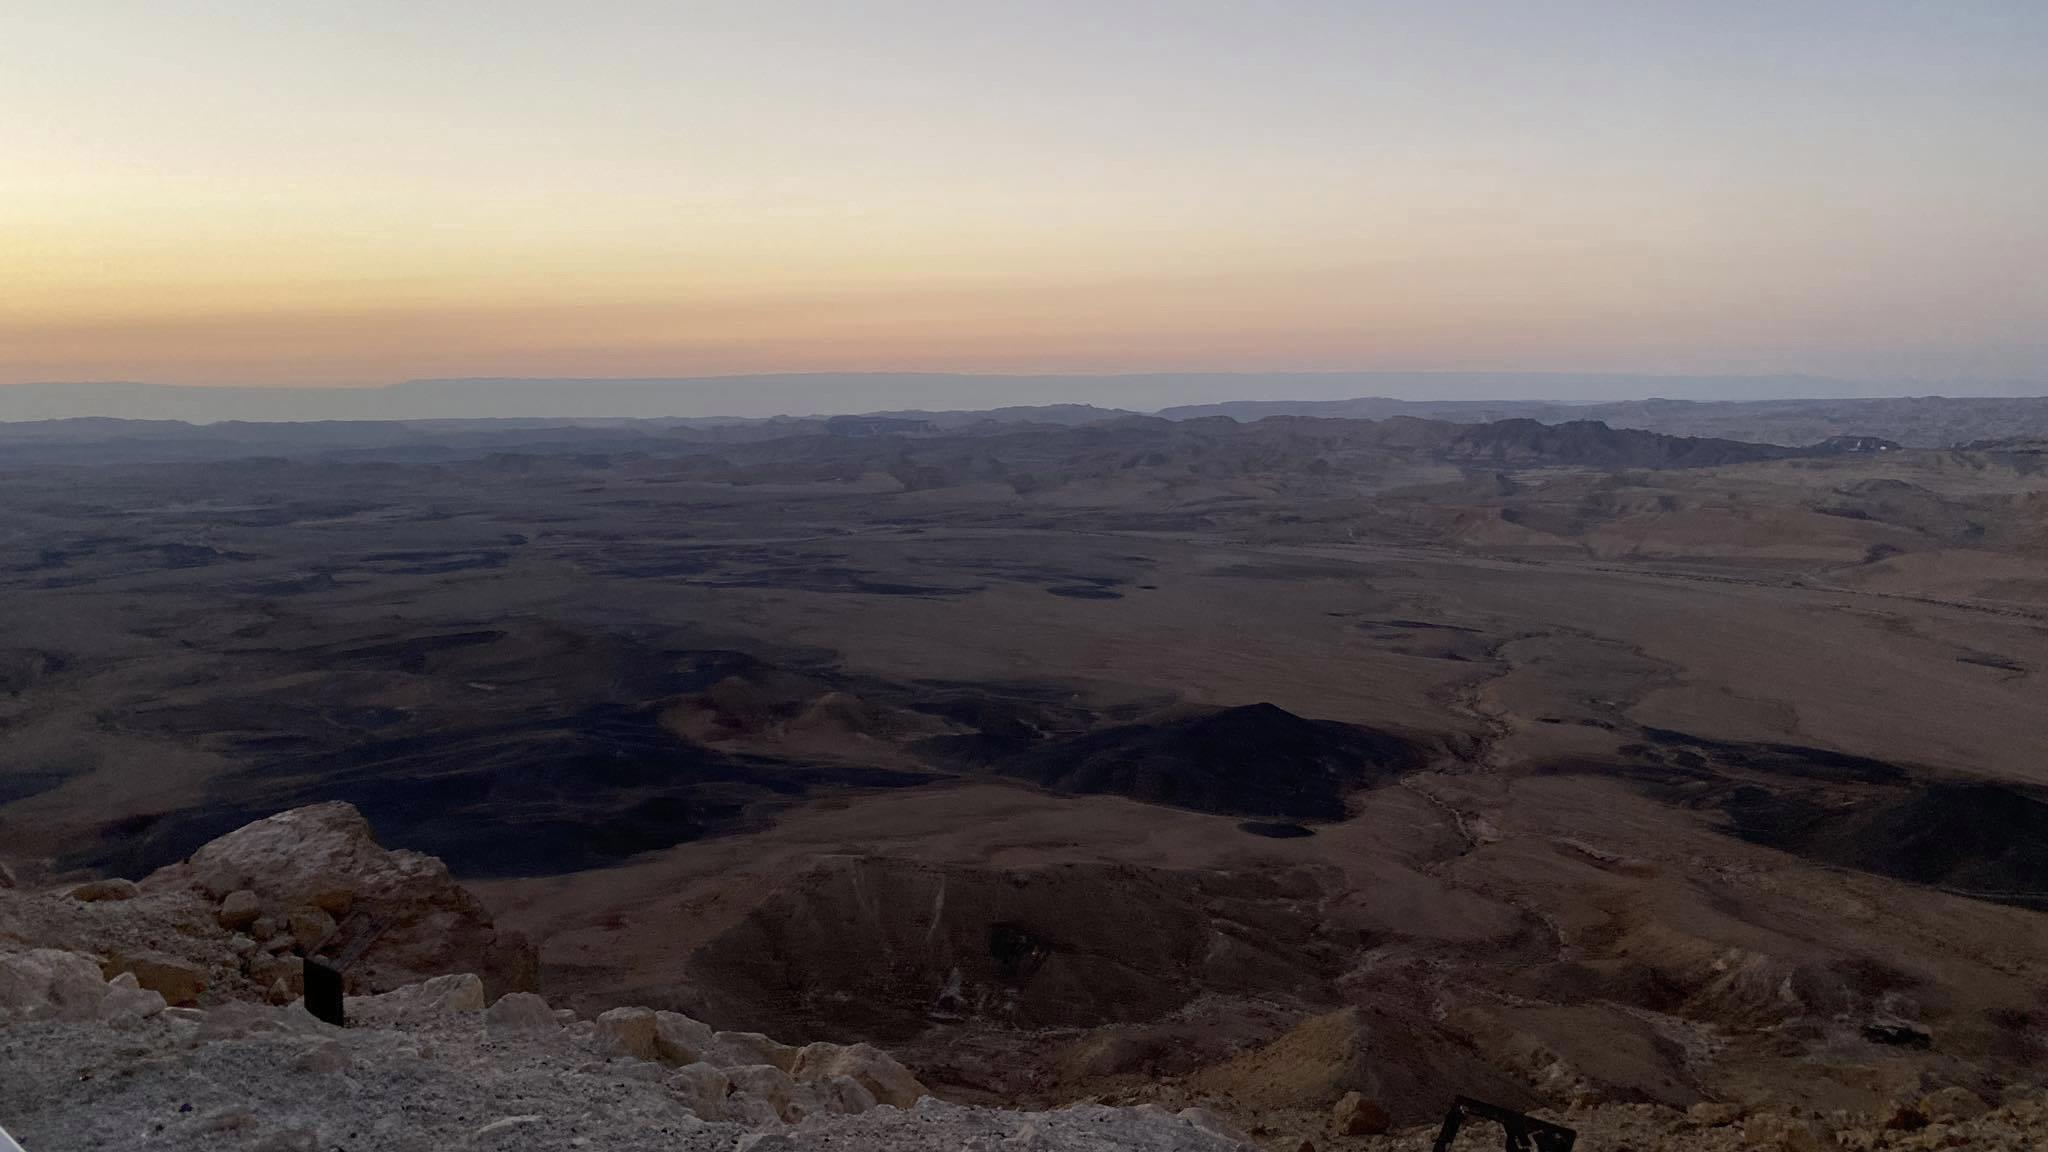 בוקר טוב עם ישראל היקר   תחזית מזג האוויר: תחול התחממות ניכרת